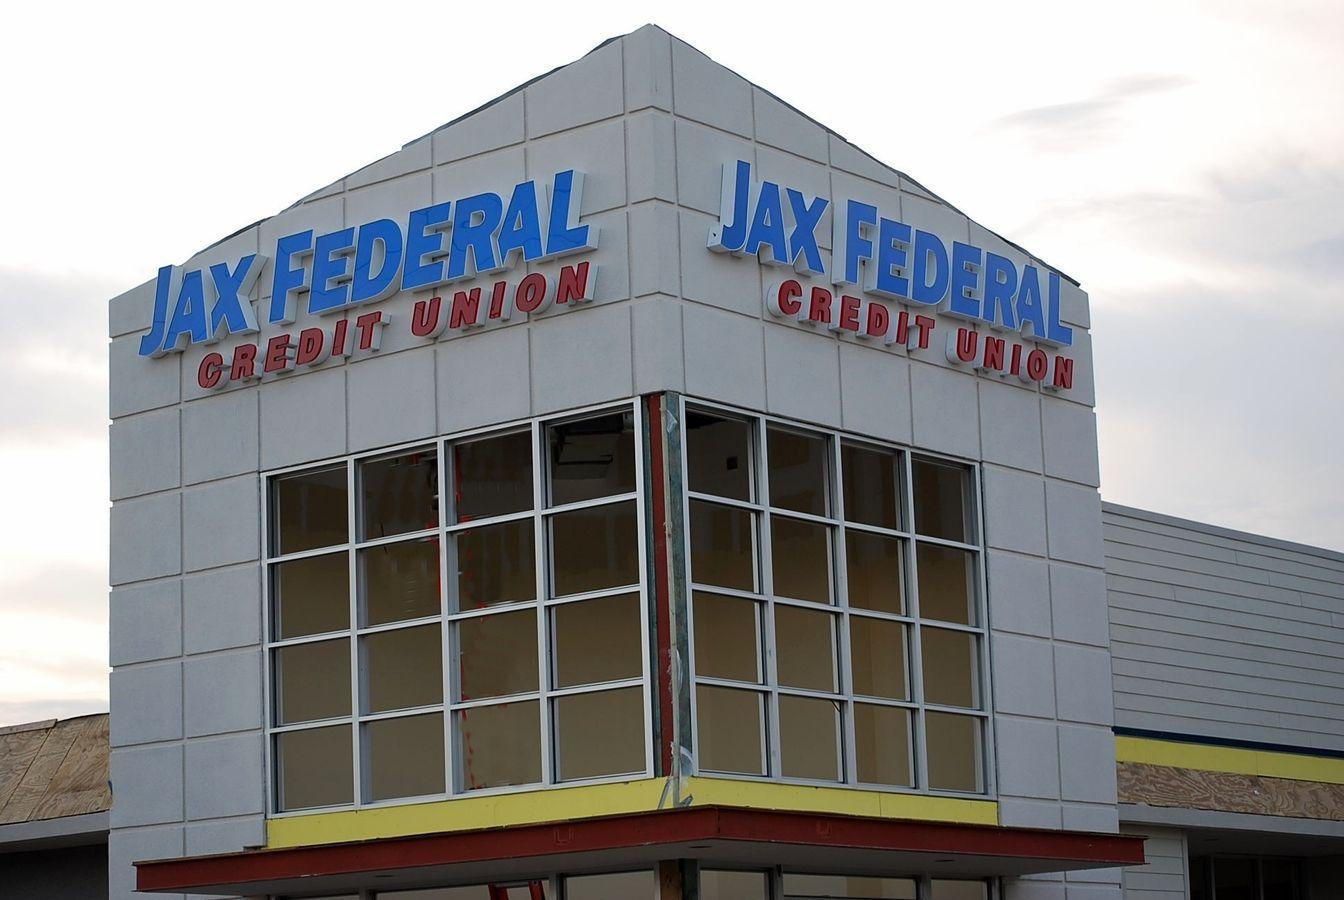 Jax Fed